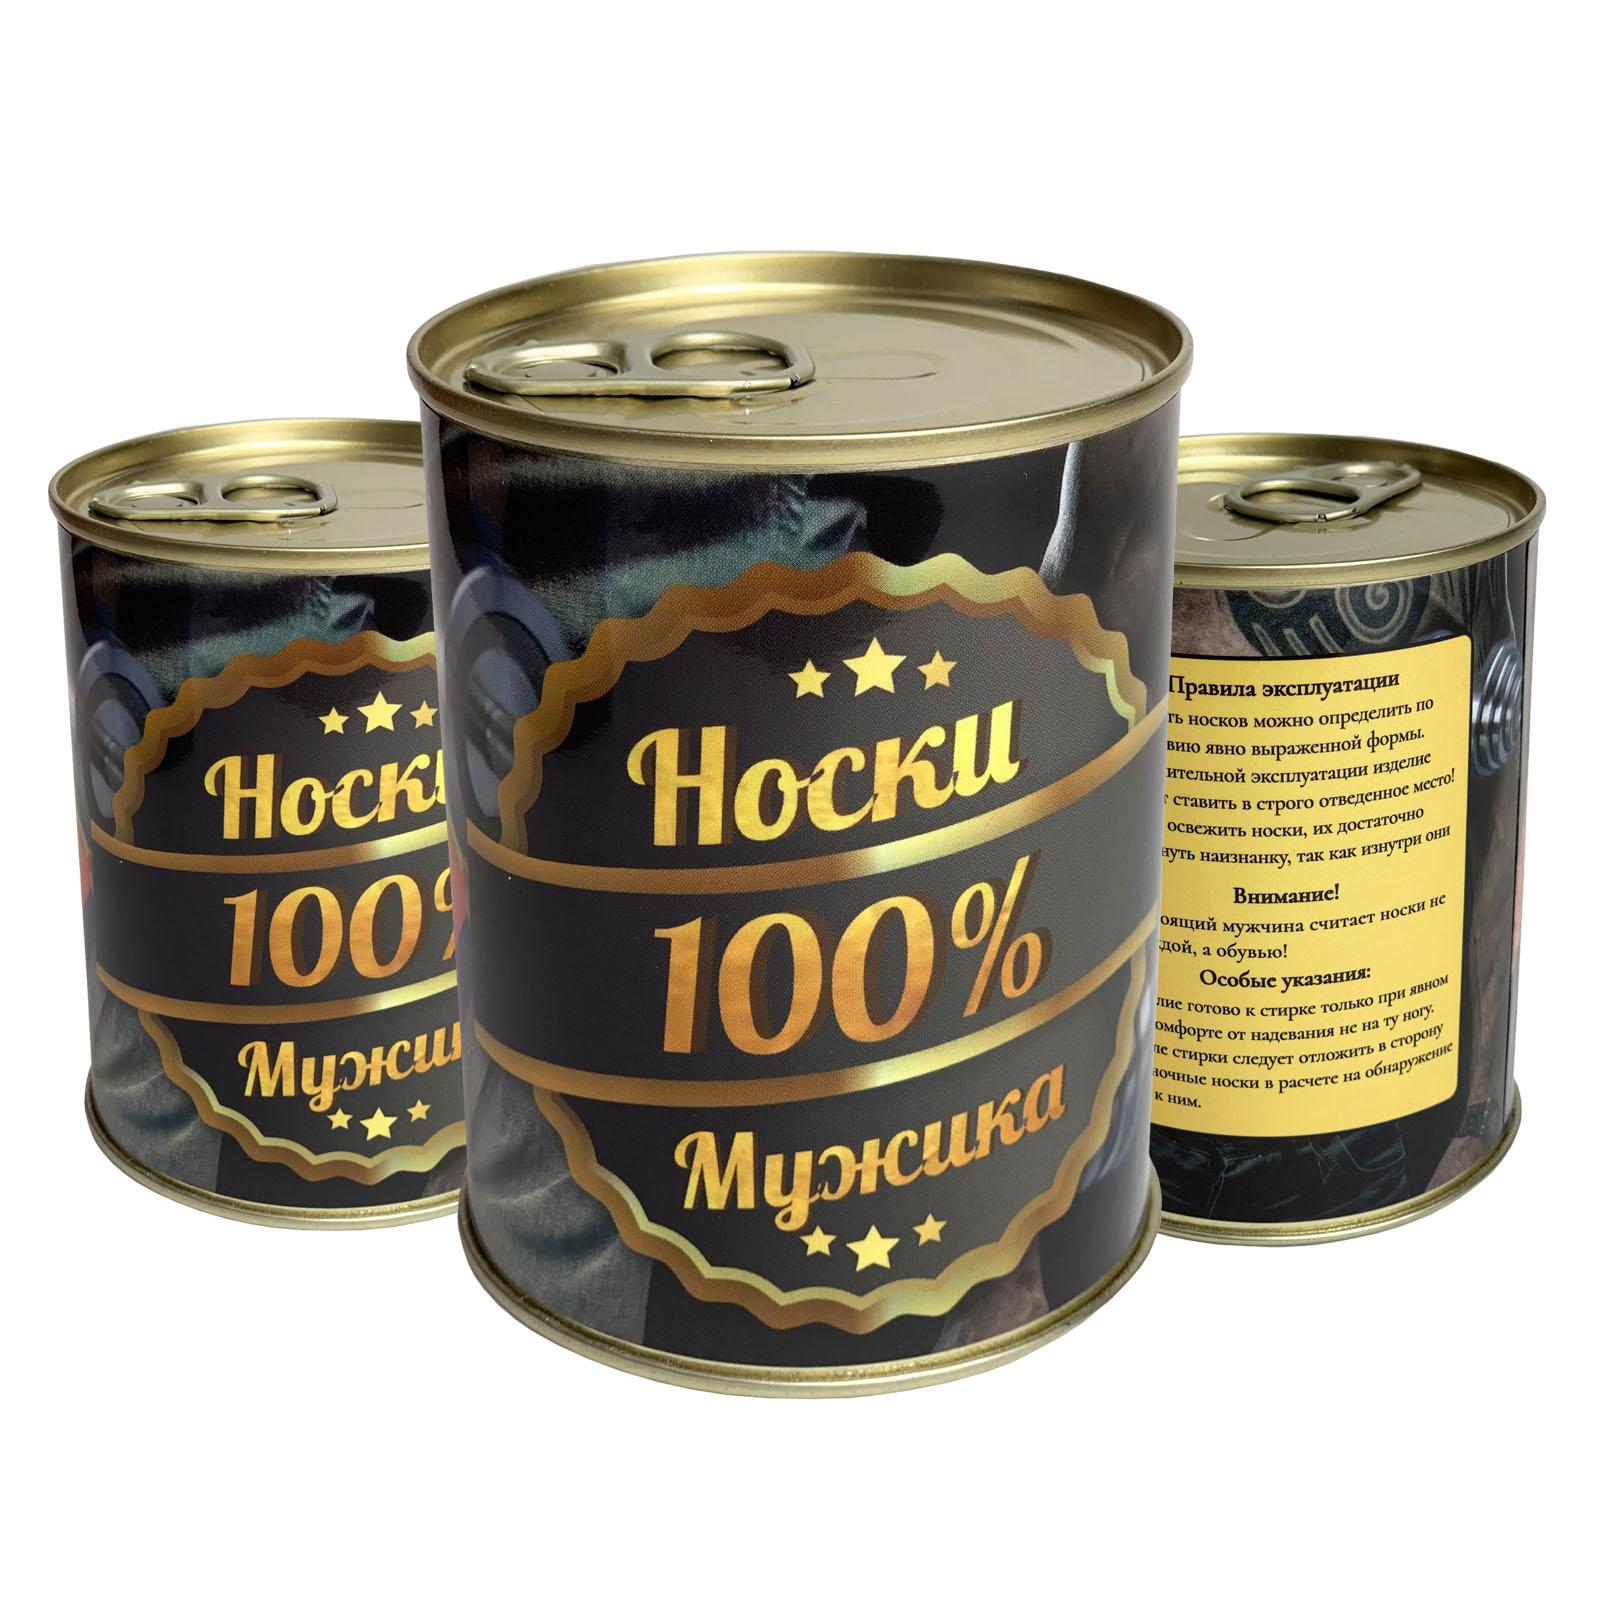 Носки в консервной банке цена самая низкая по Москве